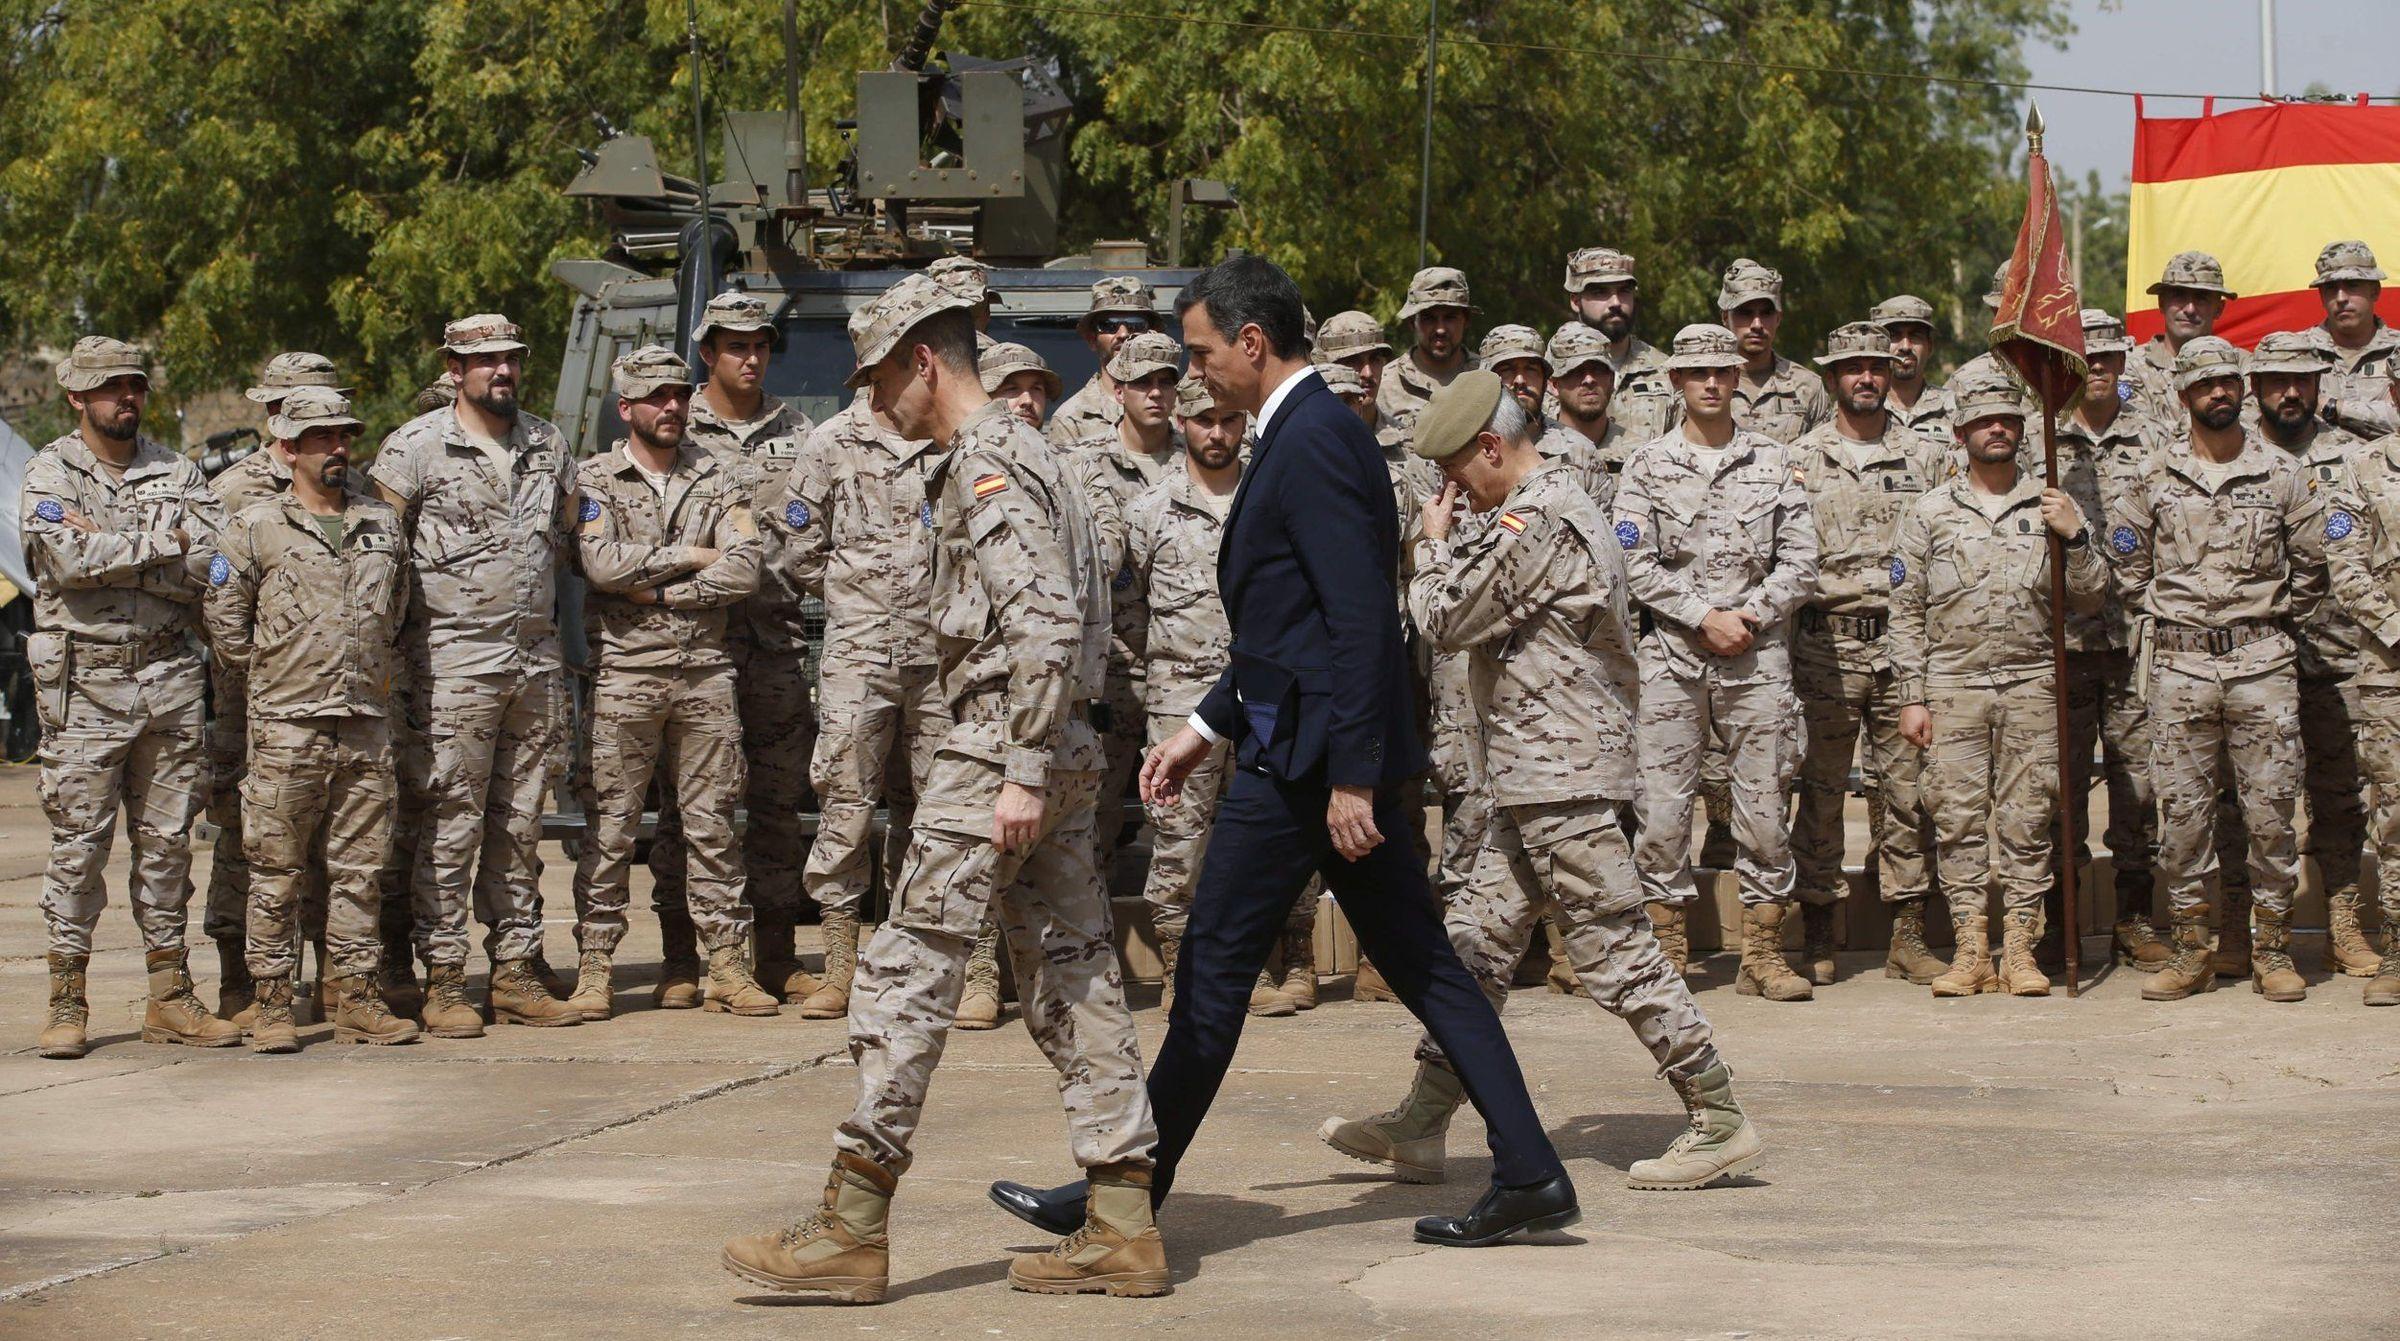 El presidente del Gobierno, Pedro Sánchez, en Mali durante una visita al contingente militar español desplegado en ese país de África Occidental.